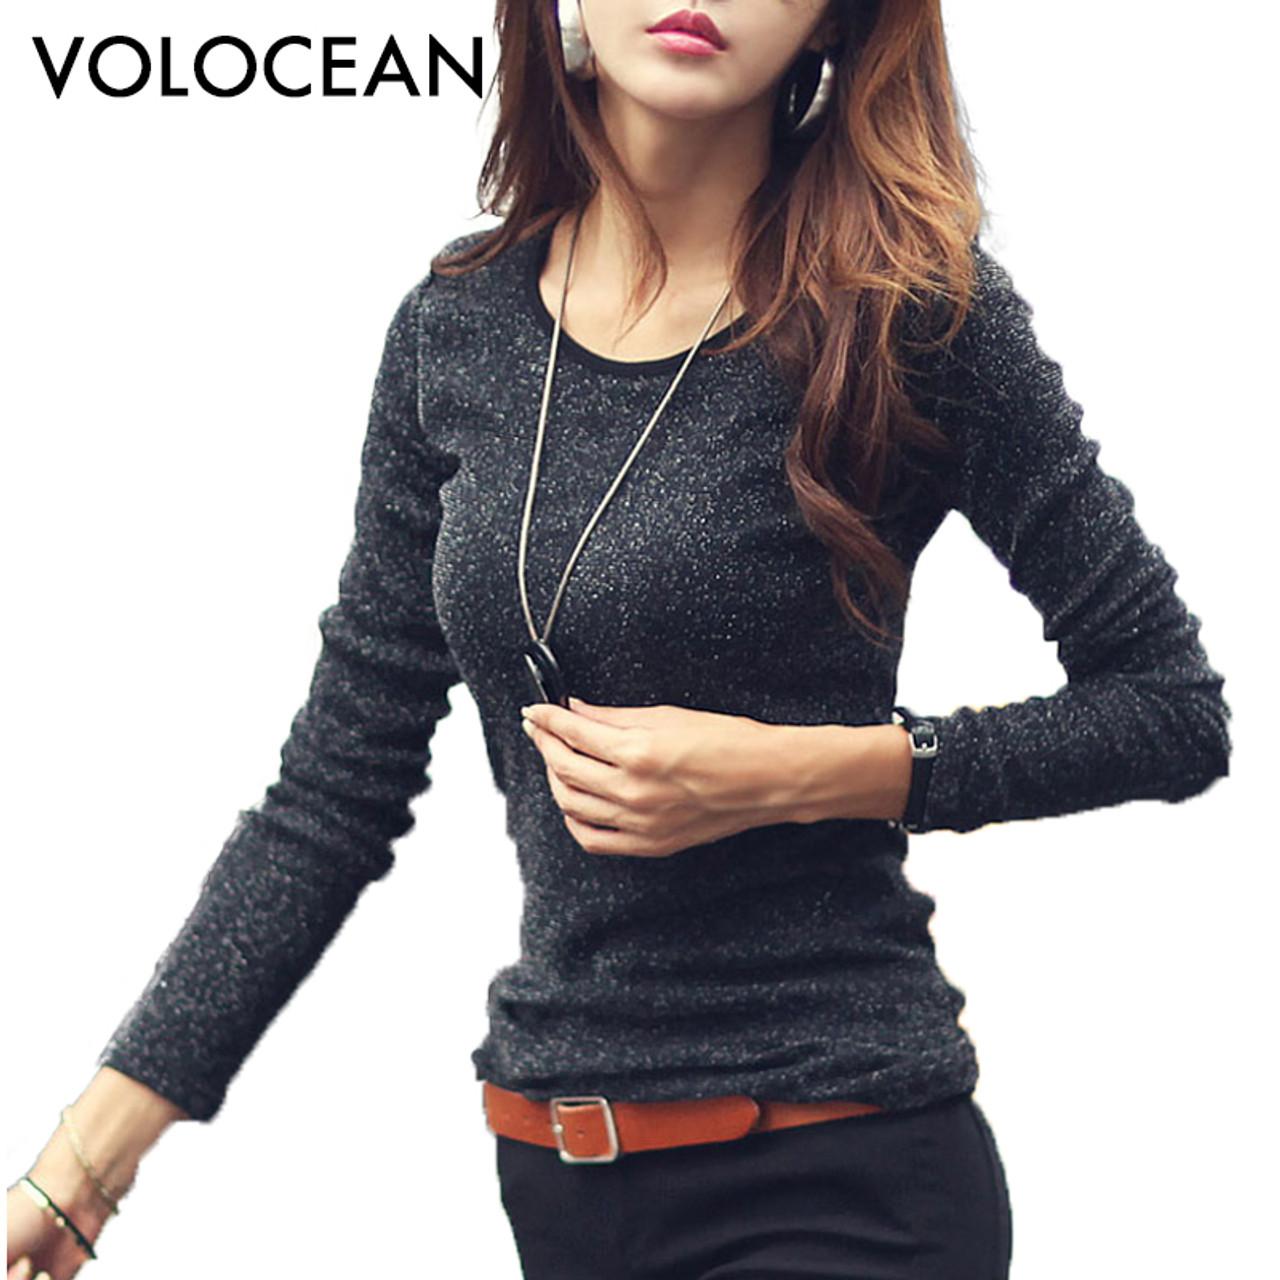 VOLOCEAN 2018 New Blinking Tshirt Women Shiny T-shirts For Women Fashion  Long-sleeve T Shirt Woman Plus Size Female T-shirt - OnshopDeals.Com b60da23104c